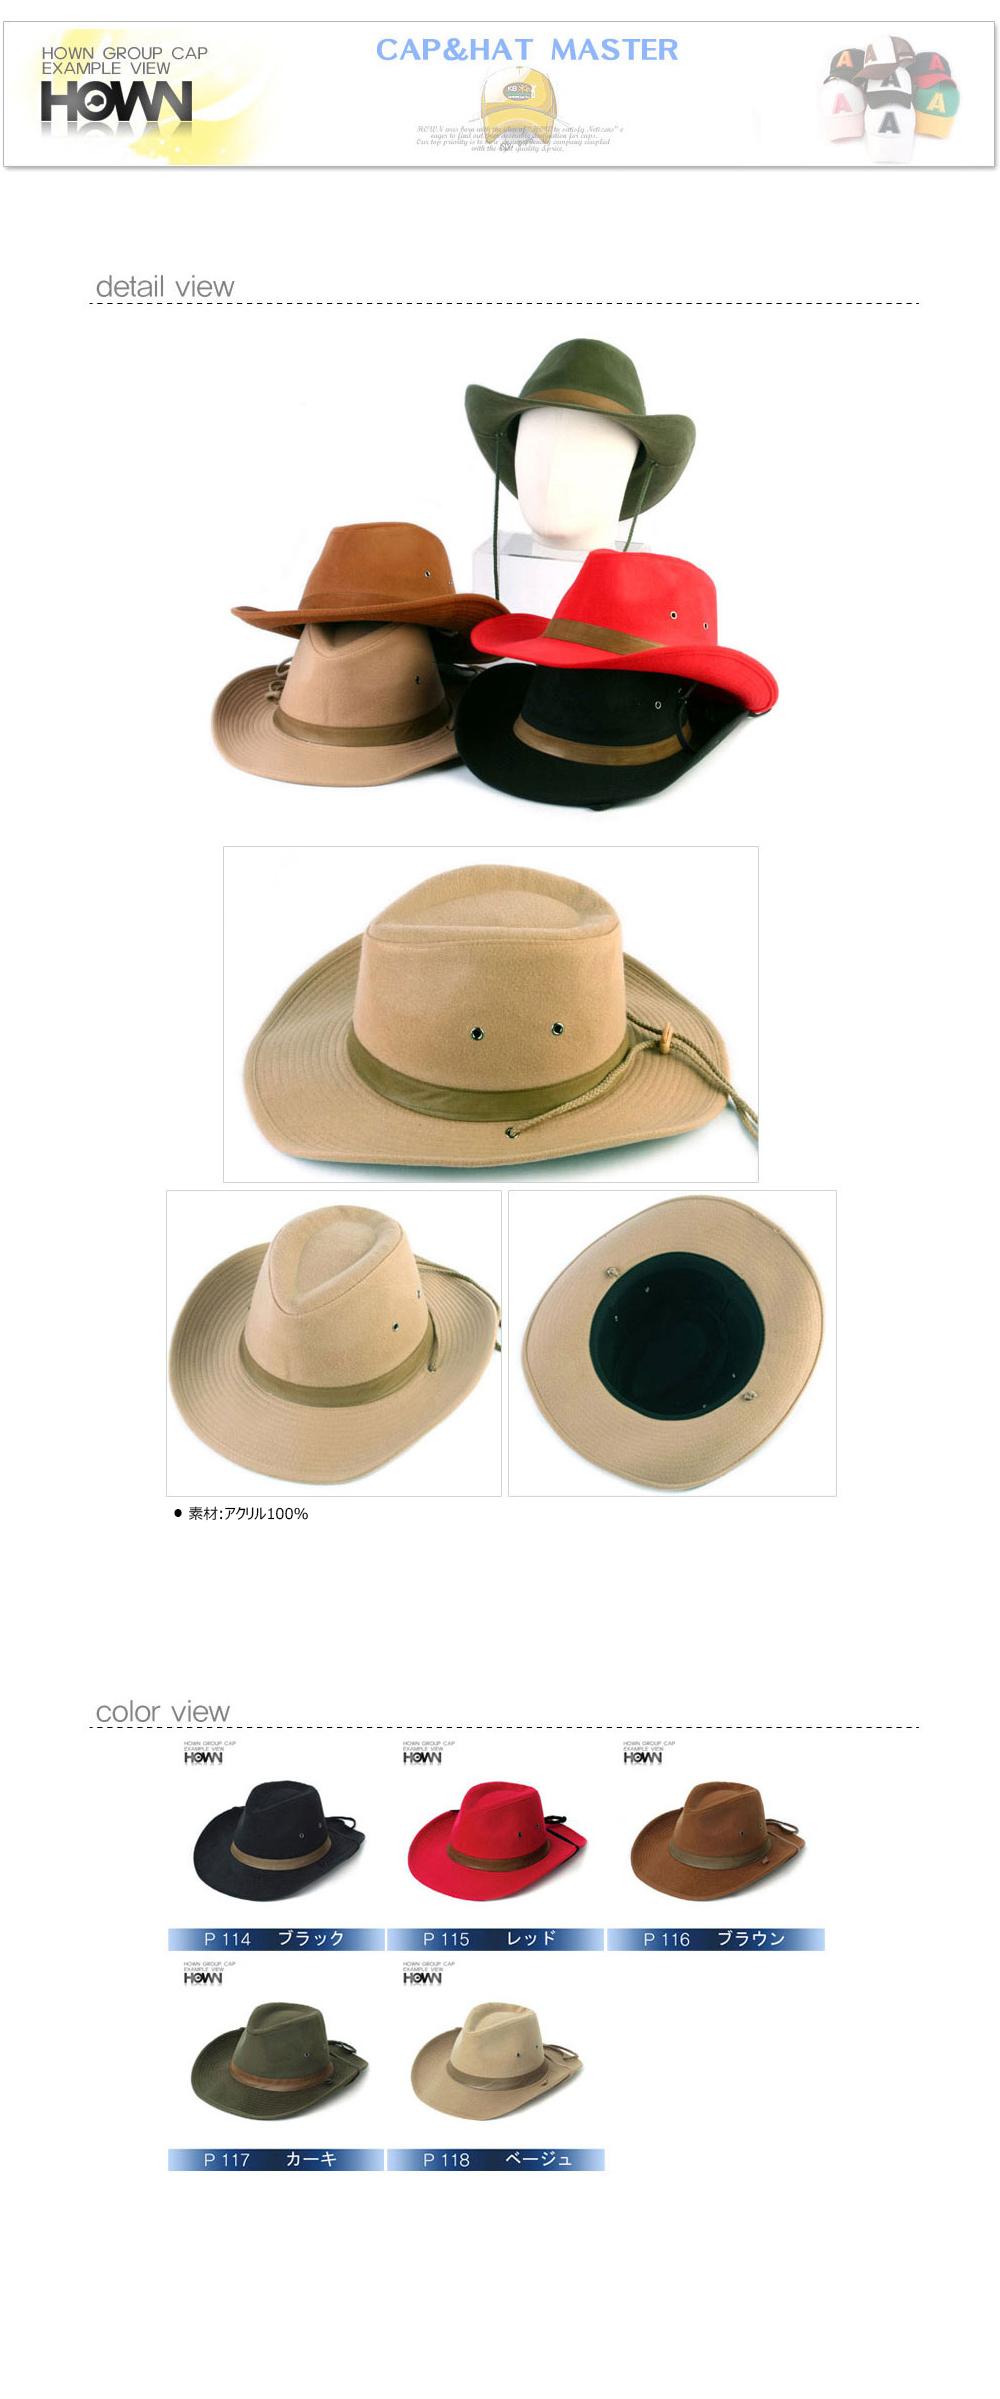 1点から製作可能!本格的3D刺繍も!名前入れ 刺繍 プリント オリジナルキャップ 登山帽子 イベント用  学校行事 サークル  アウトドアハット  登山帽子に刺繍を!